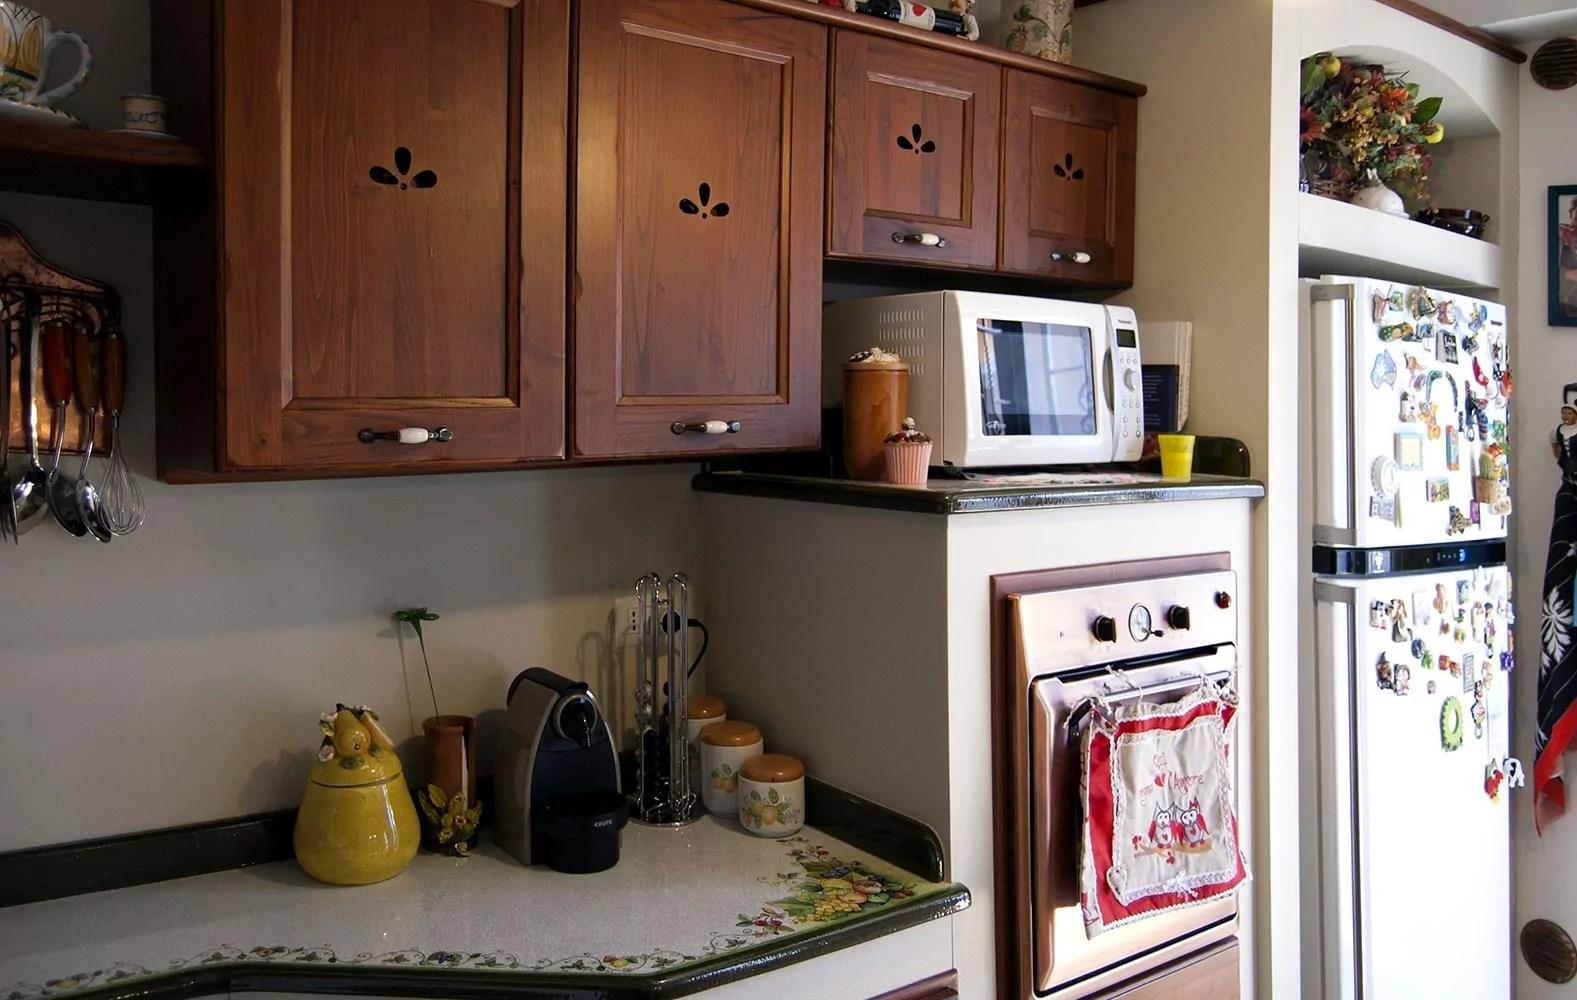 Cucine Moderne ecologiche in muratura smontabile Modello Giarre